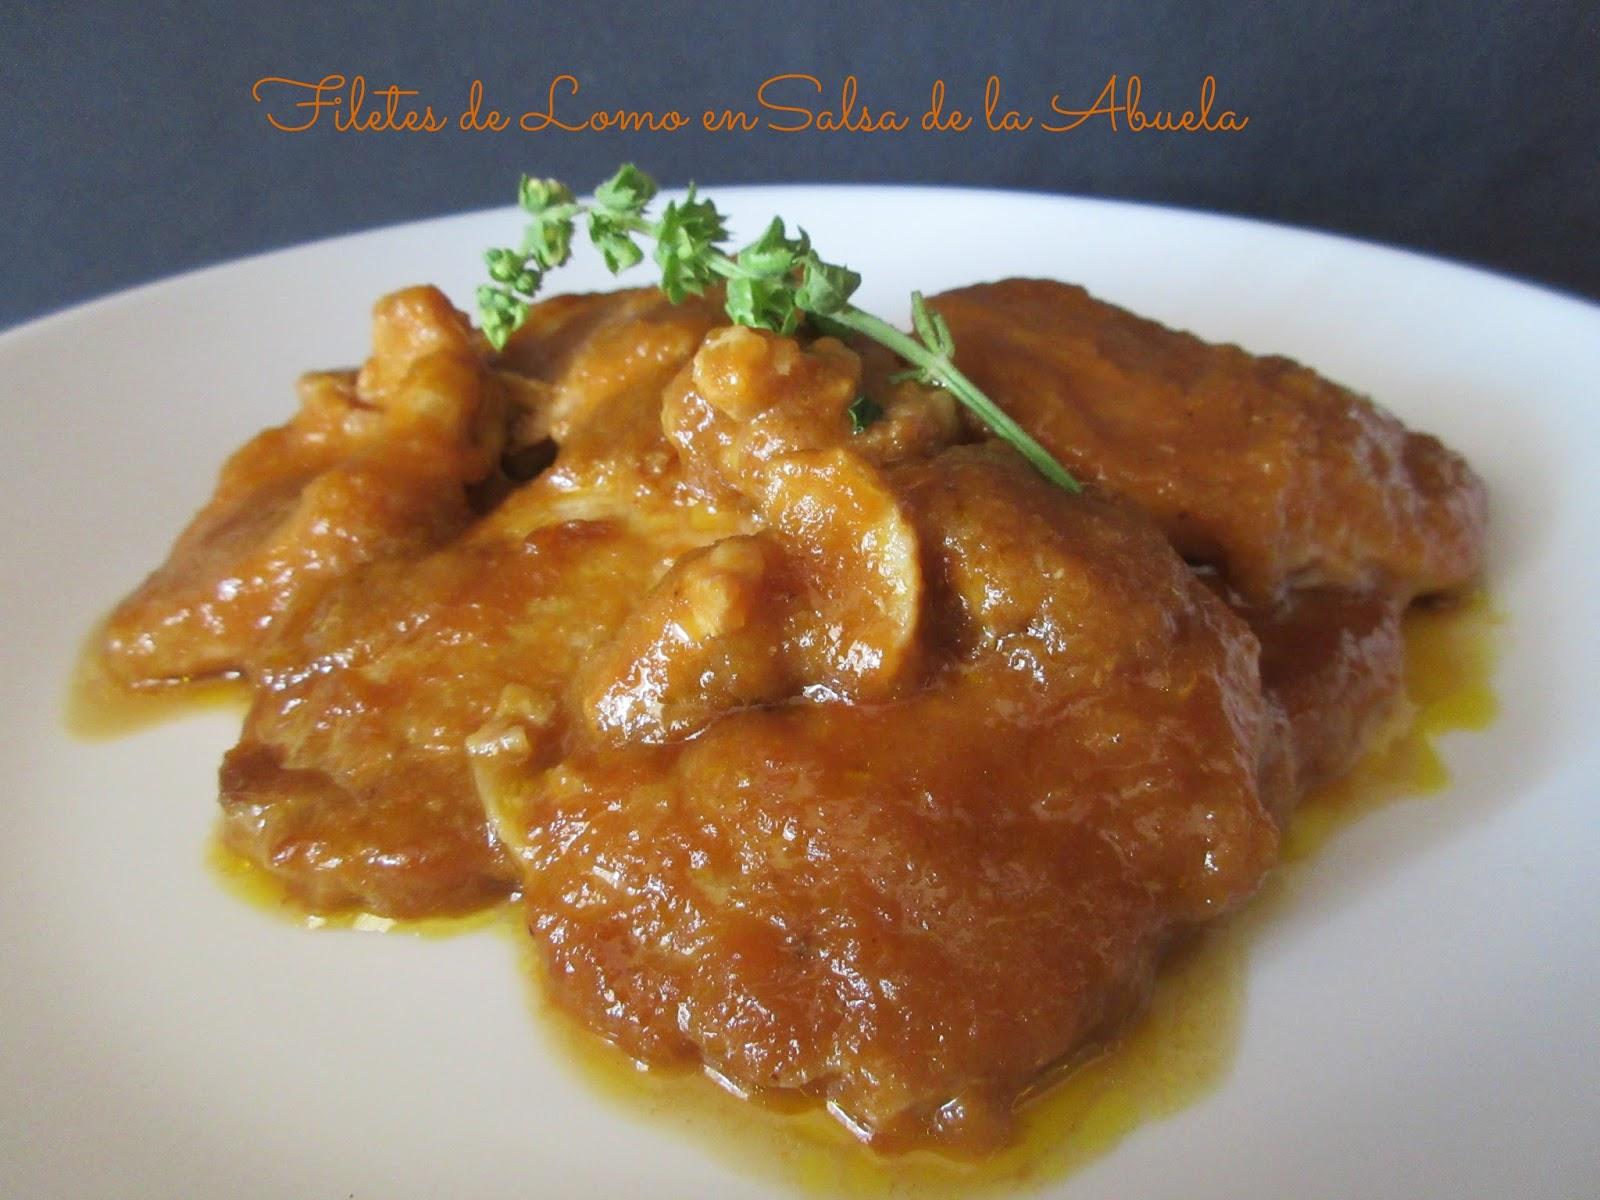 Cocinar Filetes De Lomo | Filetes De Lomo En Salsa De La Abuela Lavueltaalcolets Cocina Con